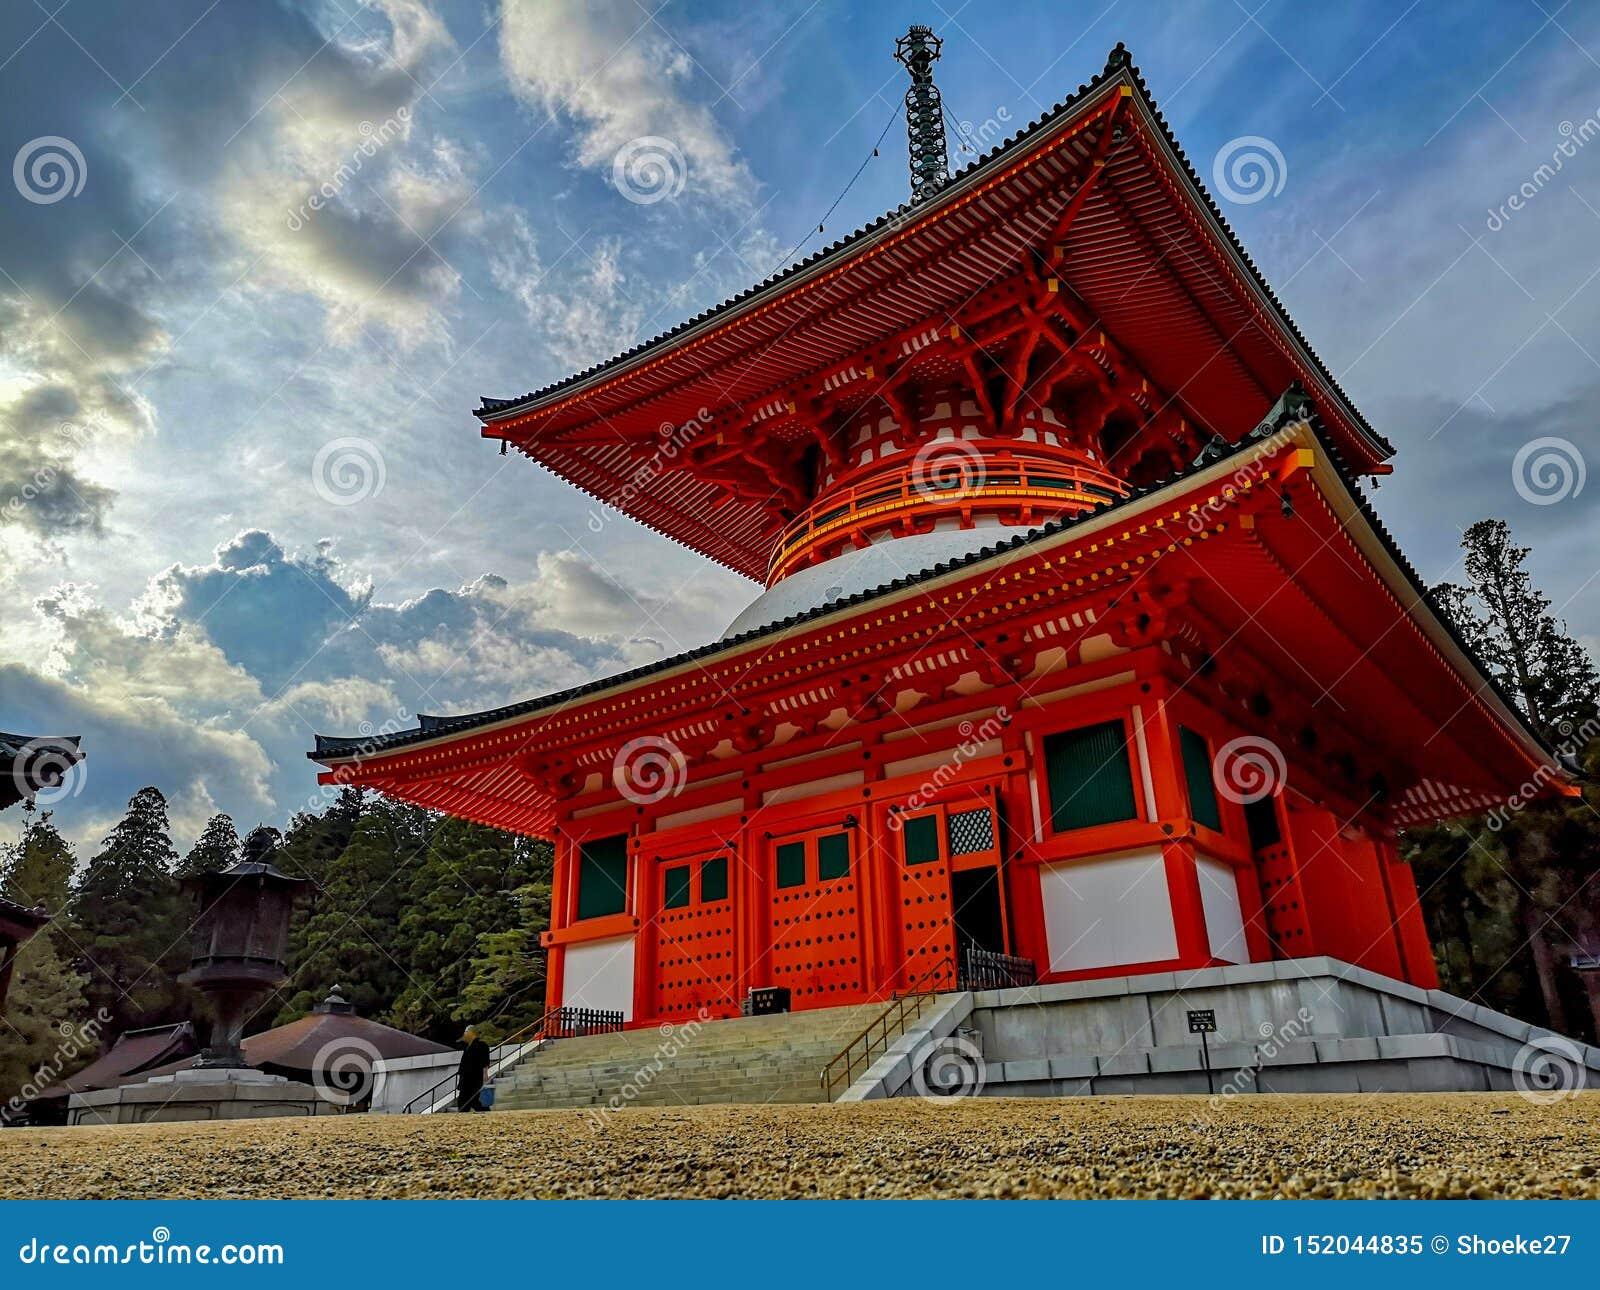 The vibrant red Konpon Daito Pagoda in the Unesco listed Danjo Garan shingon buddhism temple complex in Koyasan, Wakayama, Japan